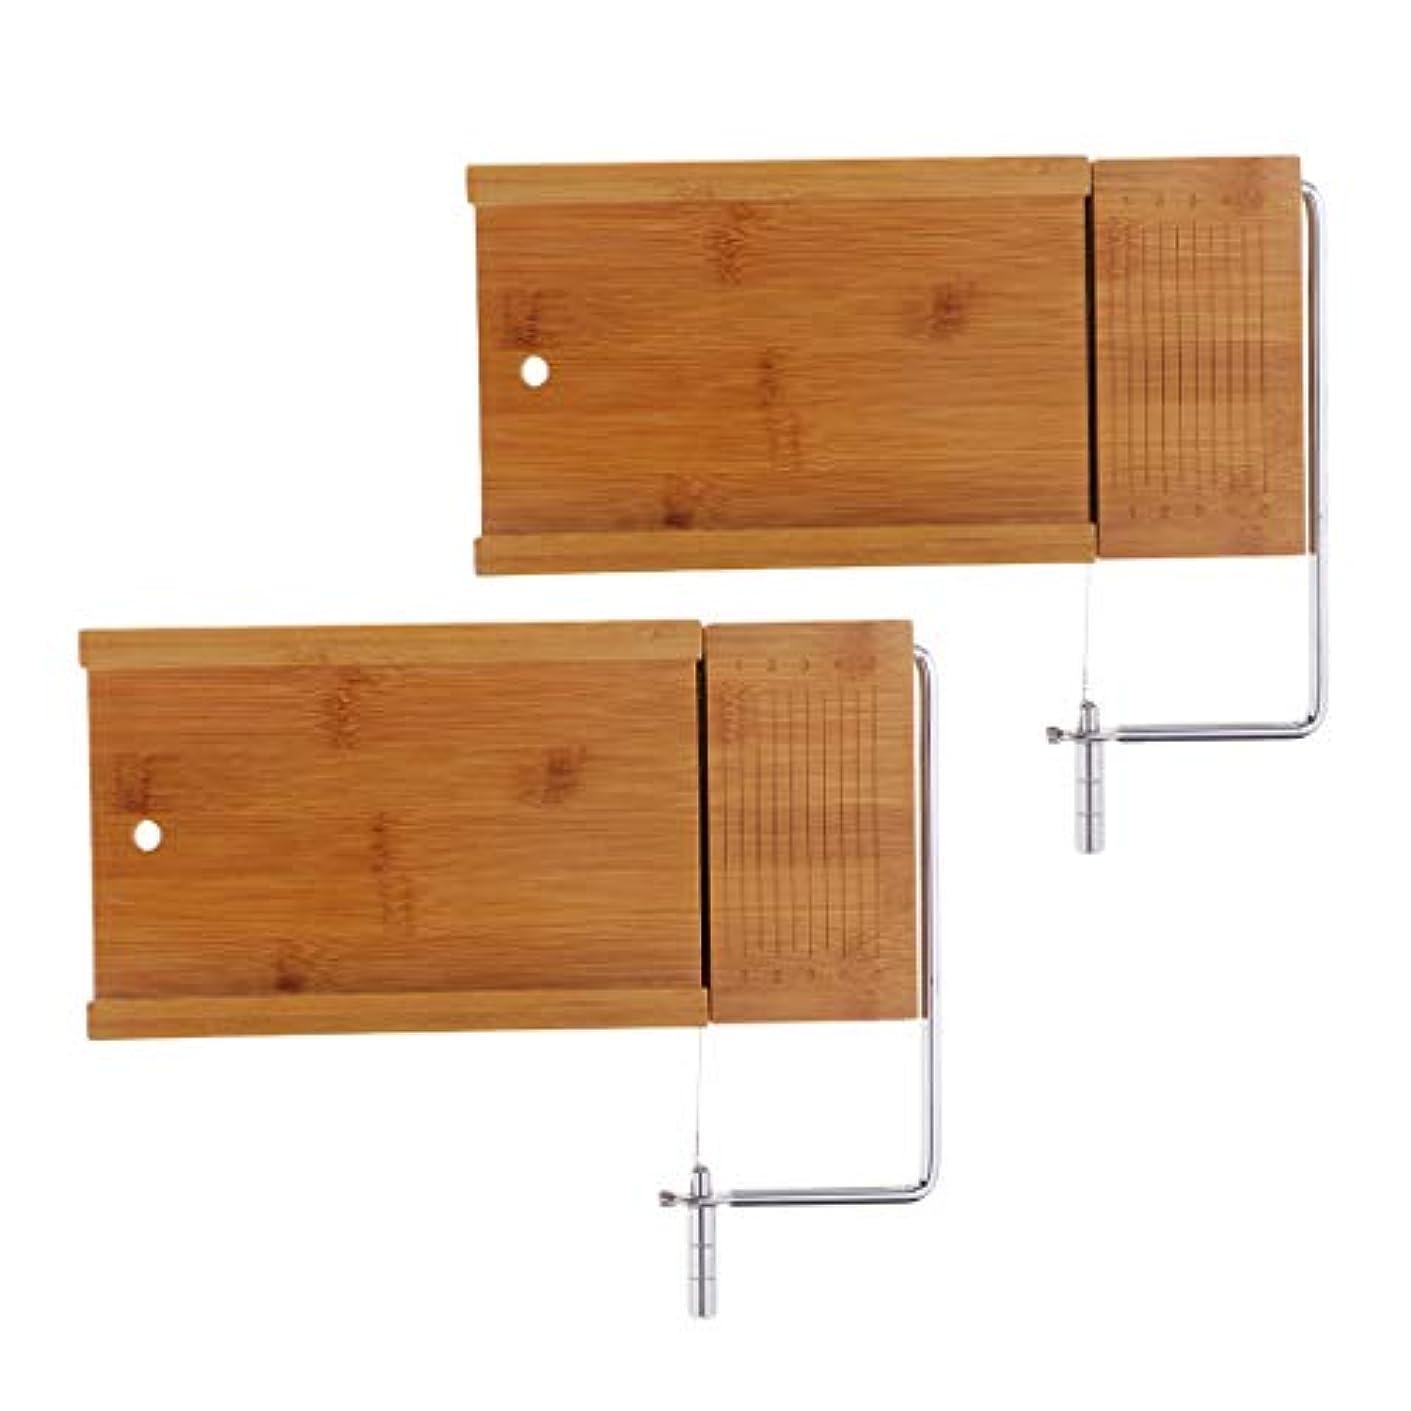 勝者学部長撤回する2個入り ソープスライサー ソープカッター 台 木質 せっけんカッター ワイヤー 石鹸切削工具 耐久性